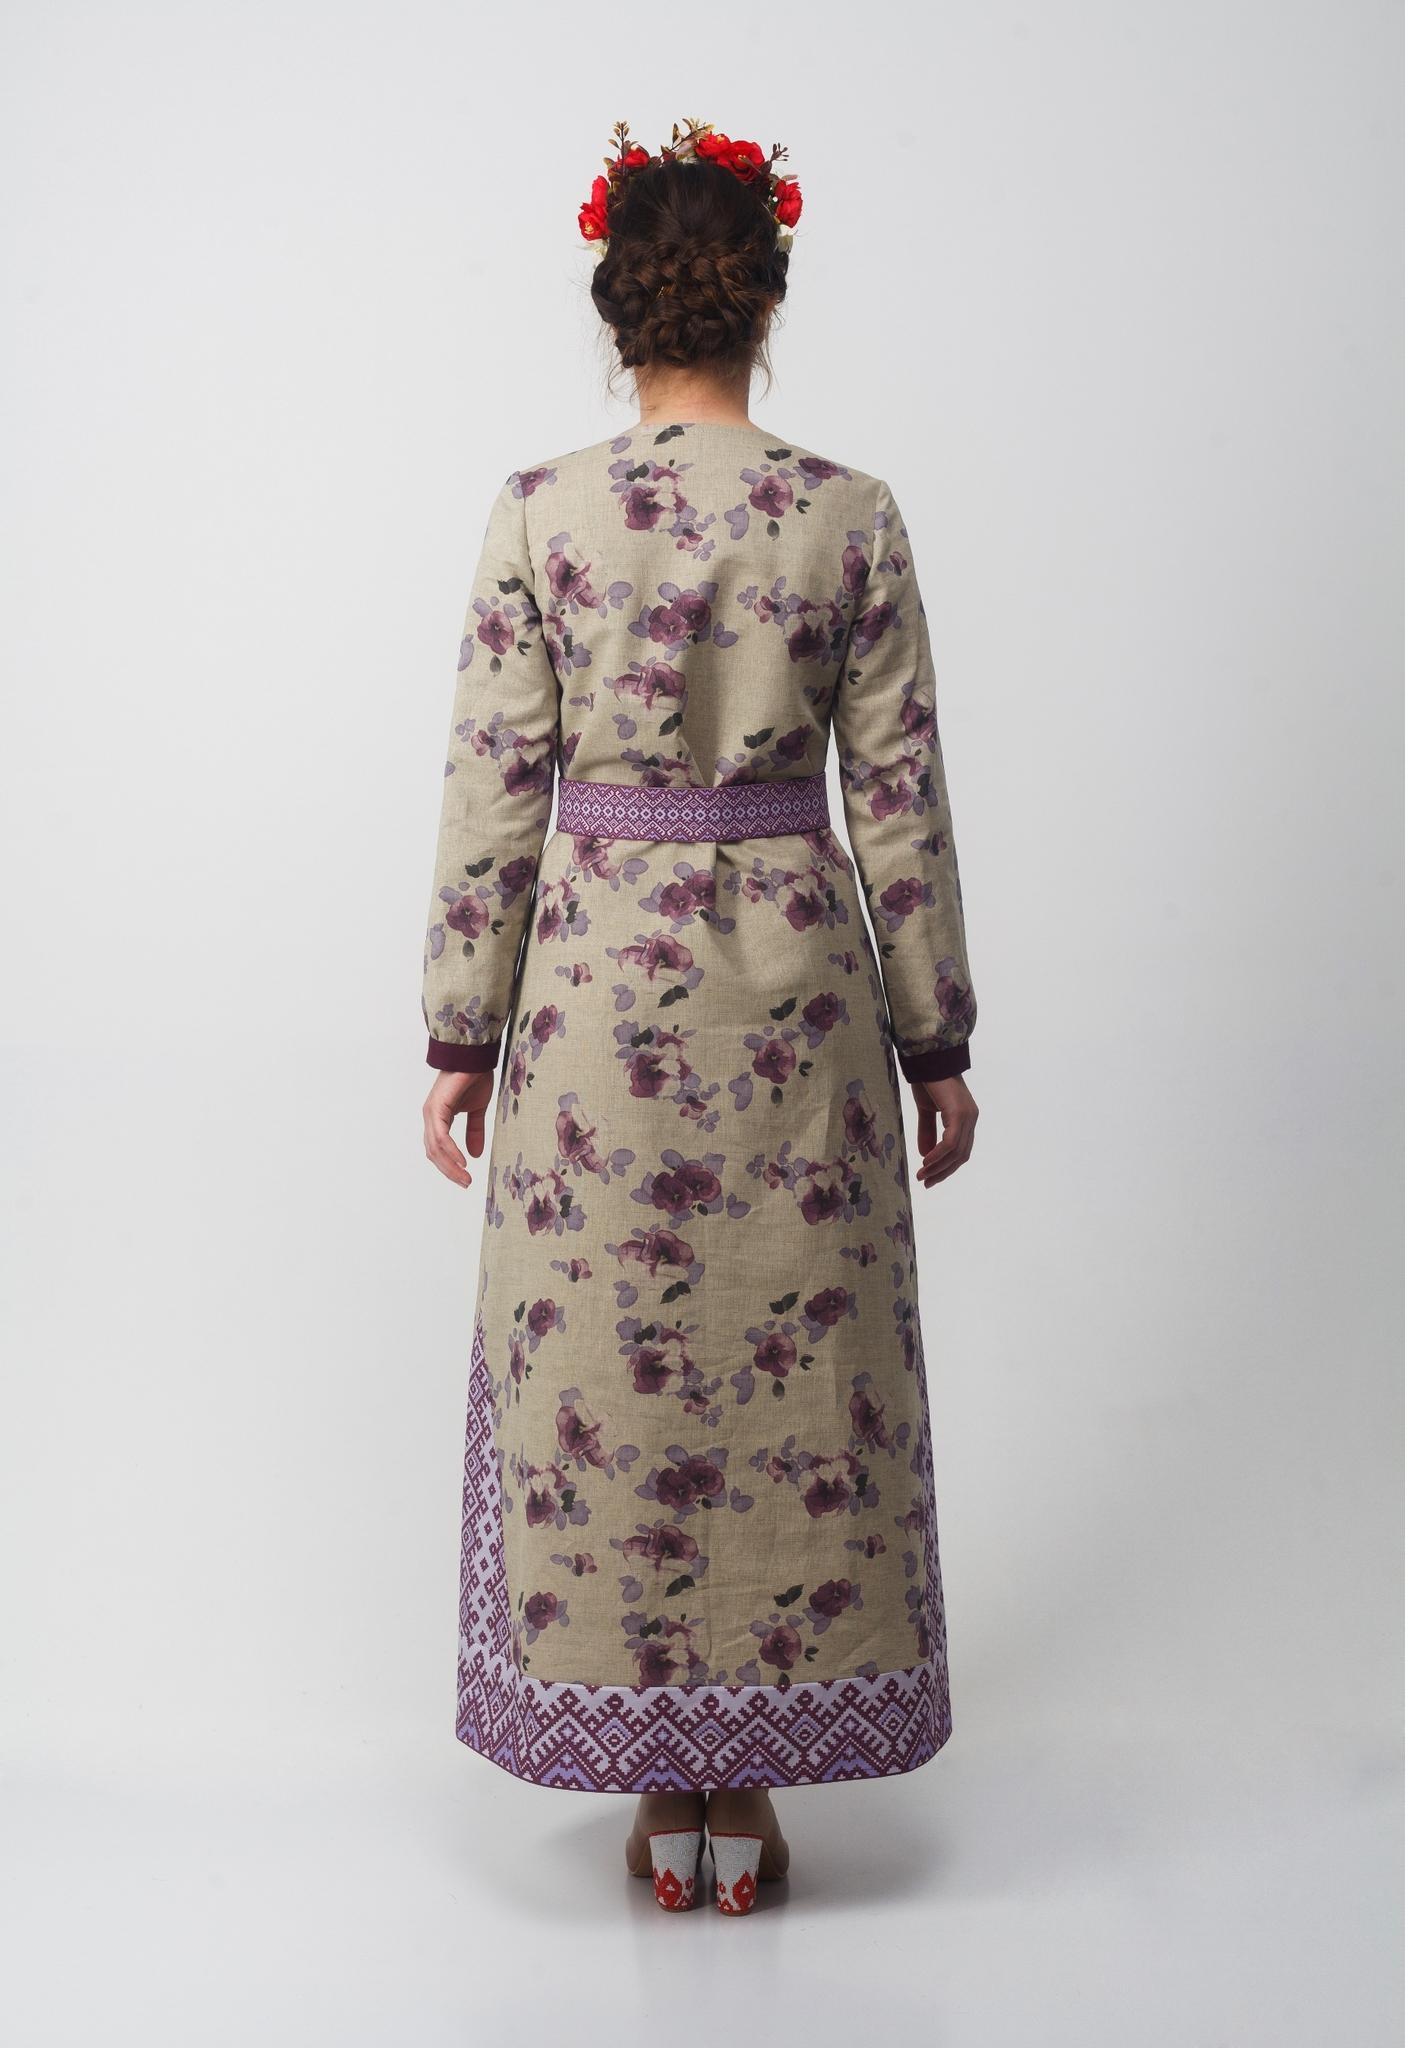 Платье Времена года Весна вид сзади